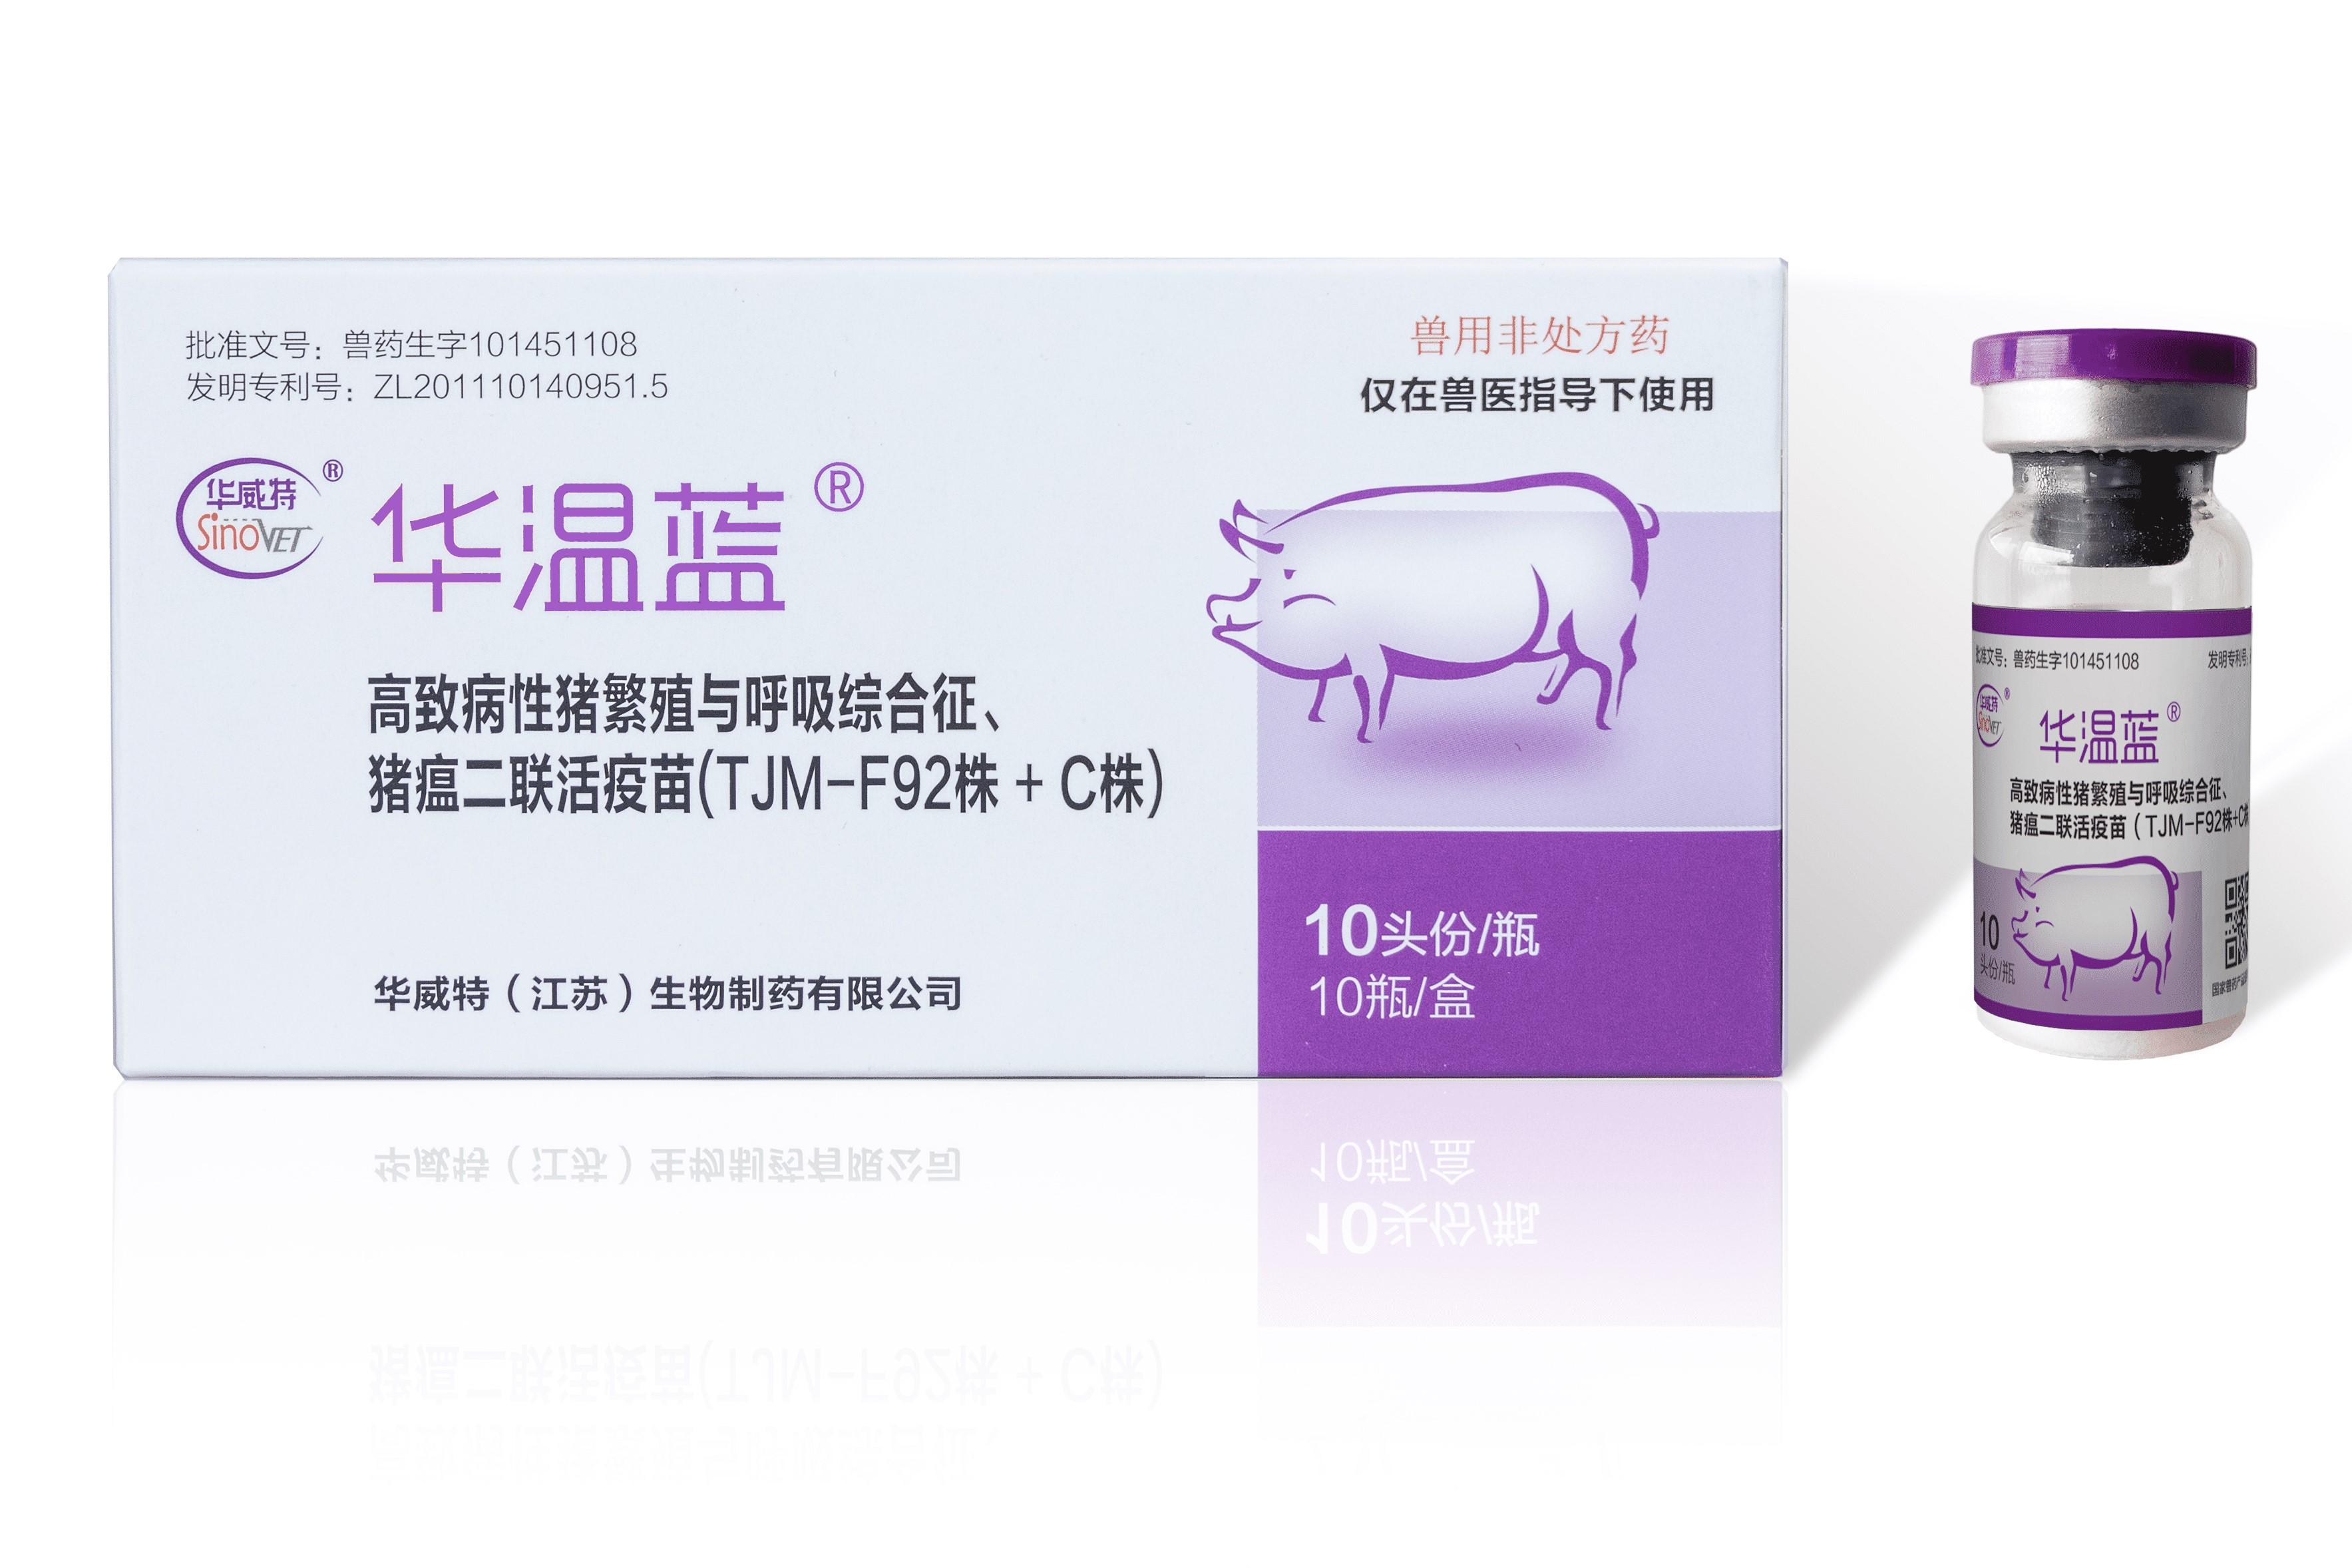 高致病性猪繁殖与呼吸综合征、猪瘟二联活疫苗(TJM-F92株+C株)产品特点